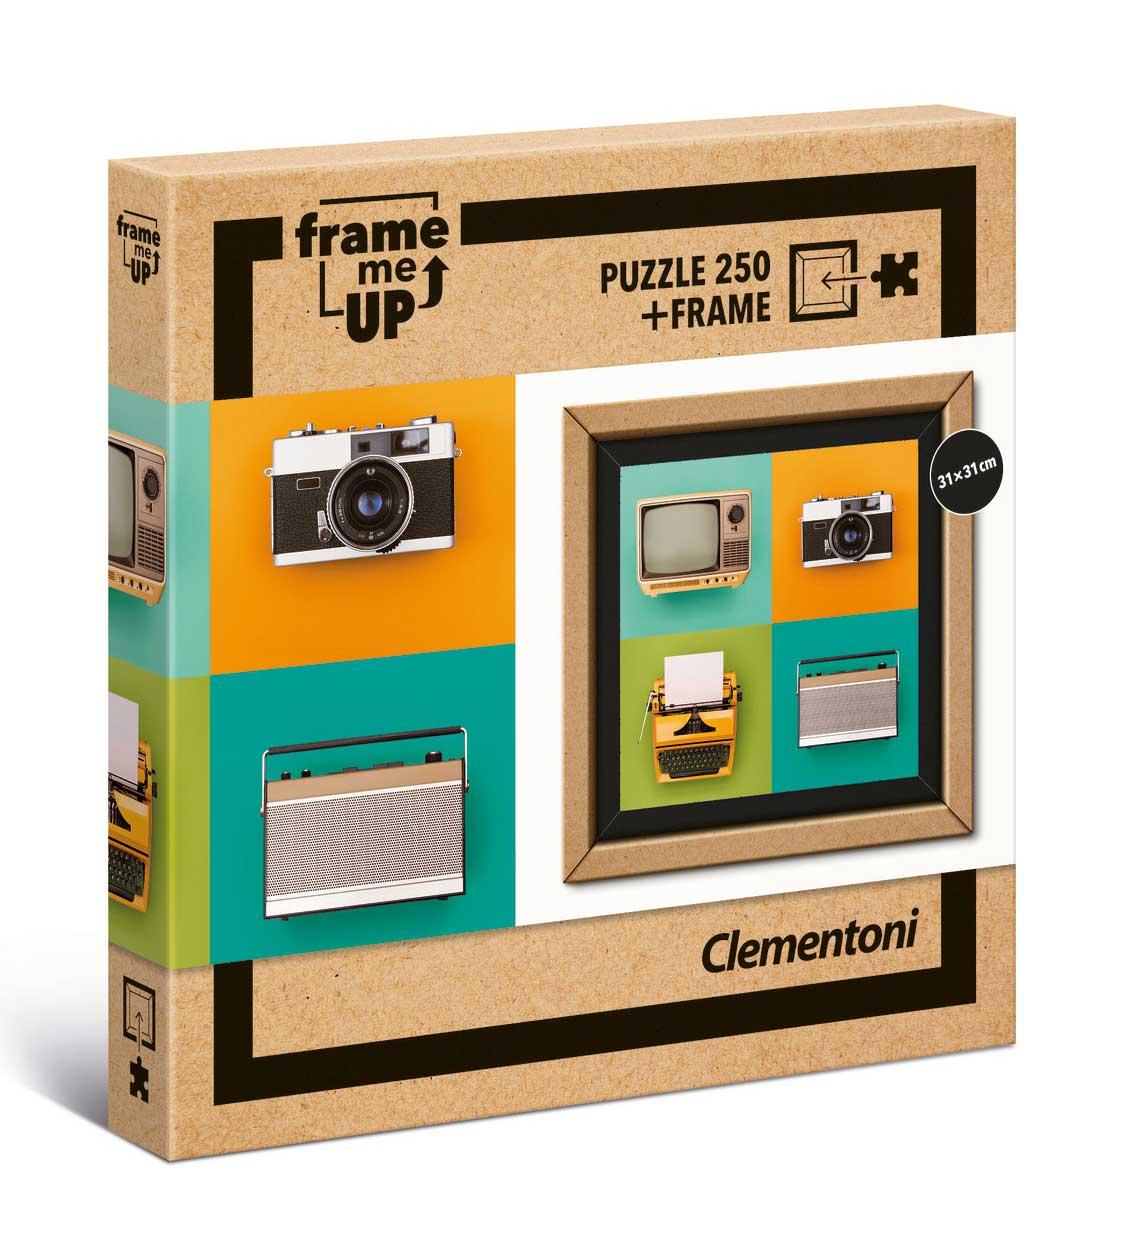 Puzzle Clementoni Frame Me Up Electrónica Vintage de 250 Pzs